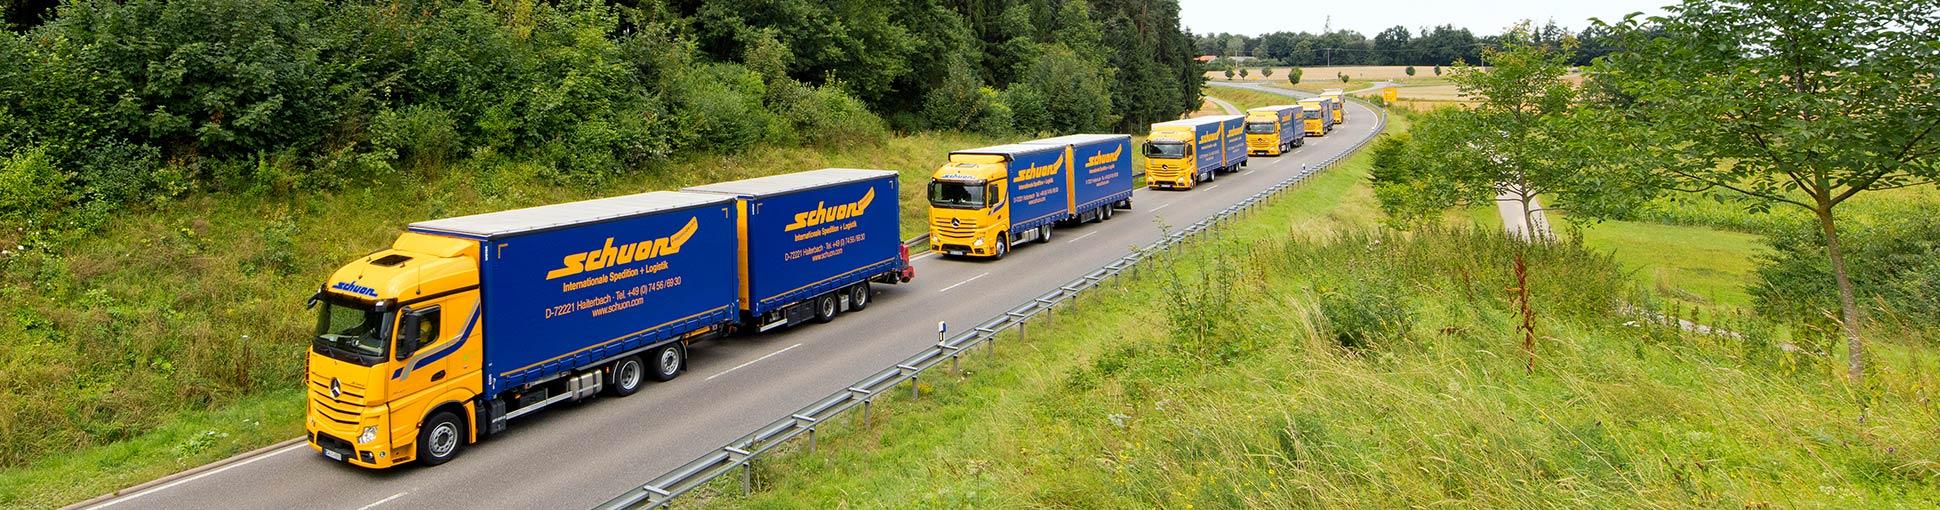 Schuon Green Logistics